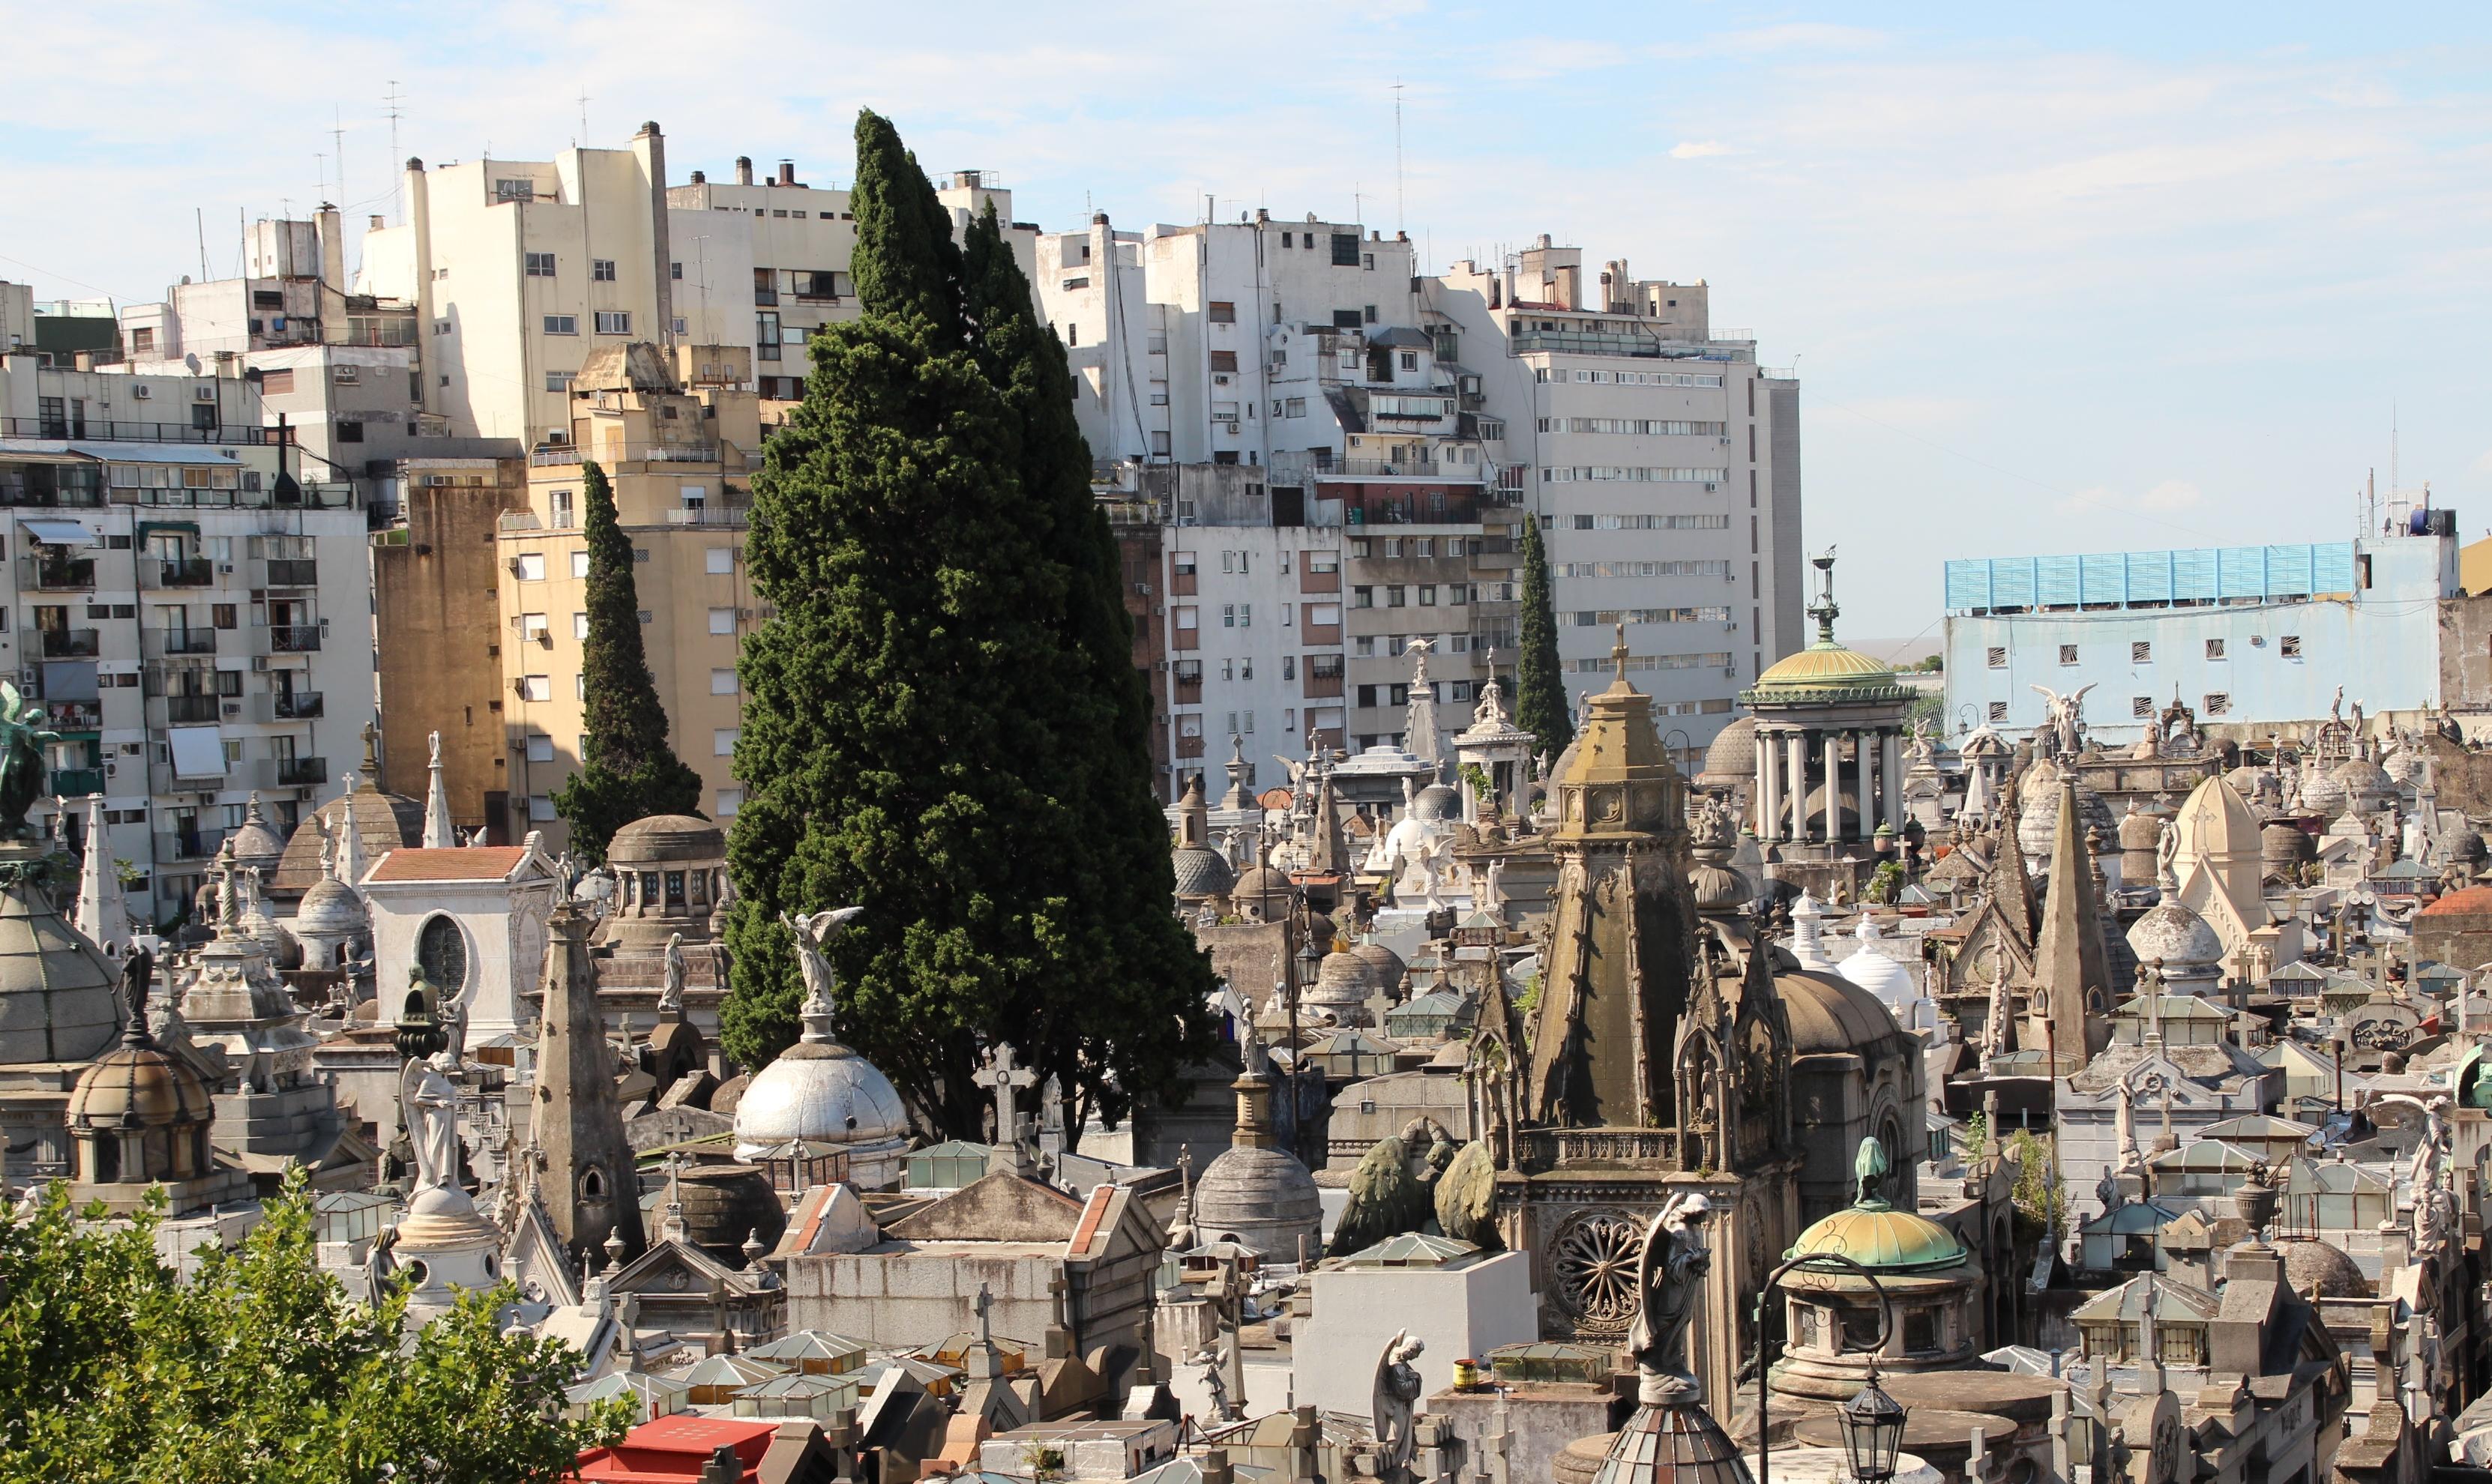 Cementerio de la recoleta buenos aires reportajes for Cementerio parque jardin del sol pilar